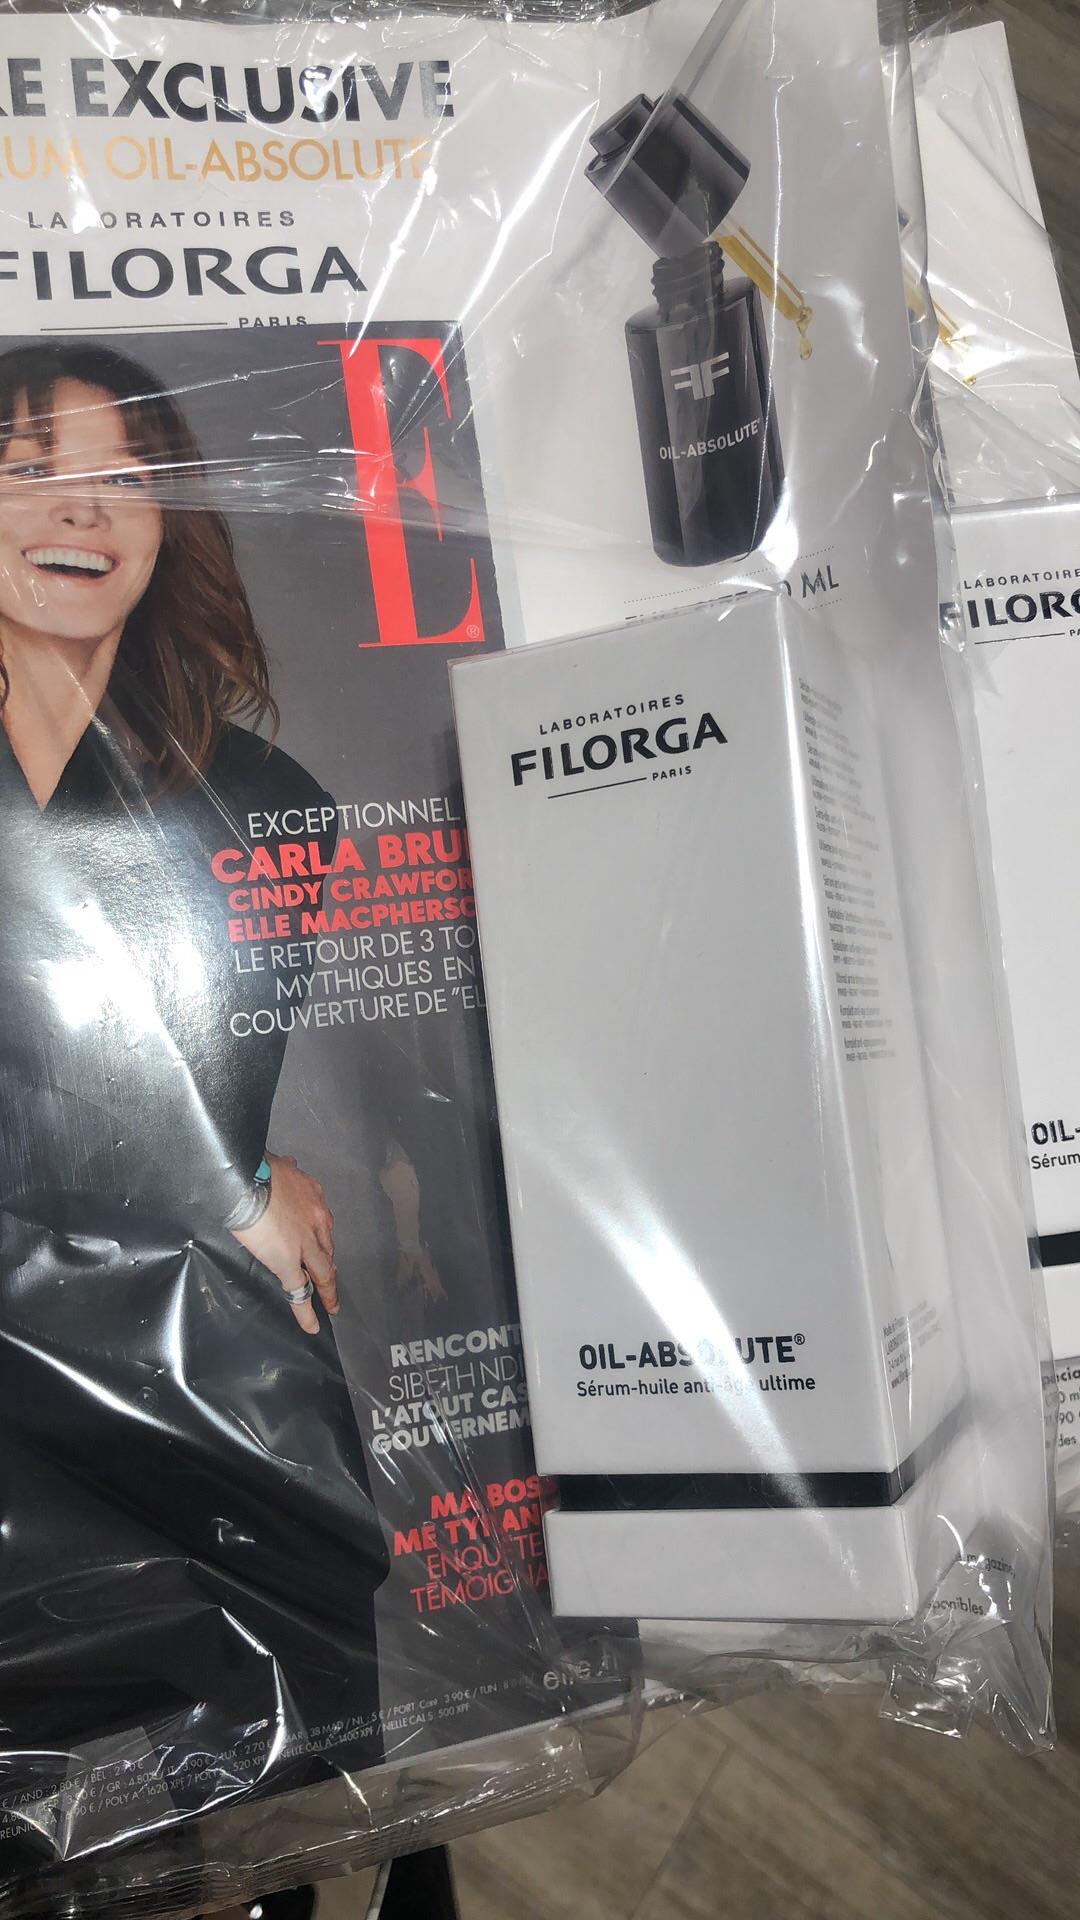 话不多说 分享一本杂志 赠品是菲洛嘉